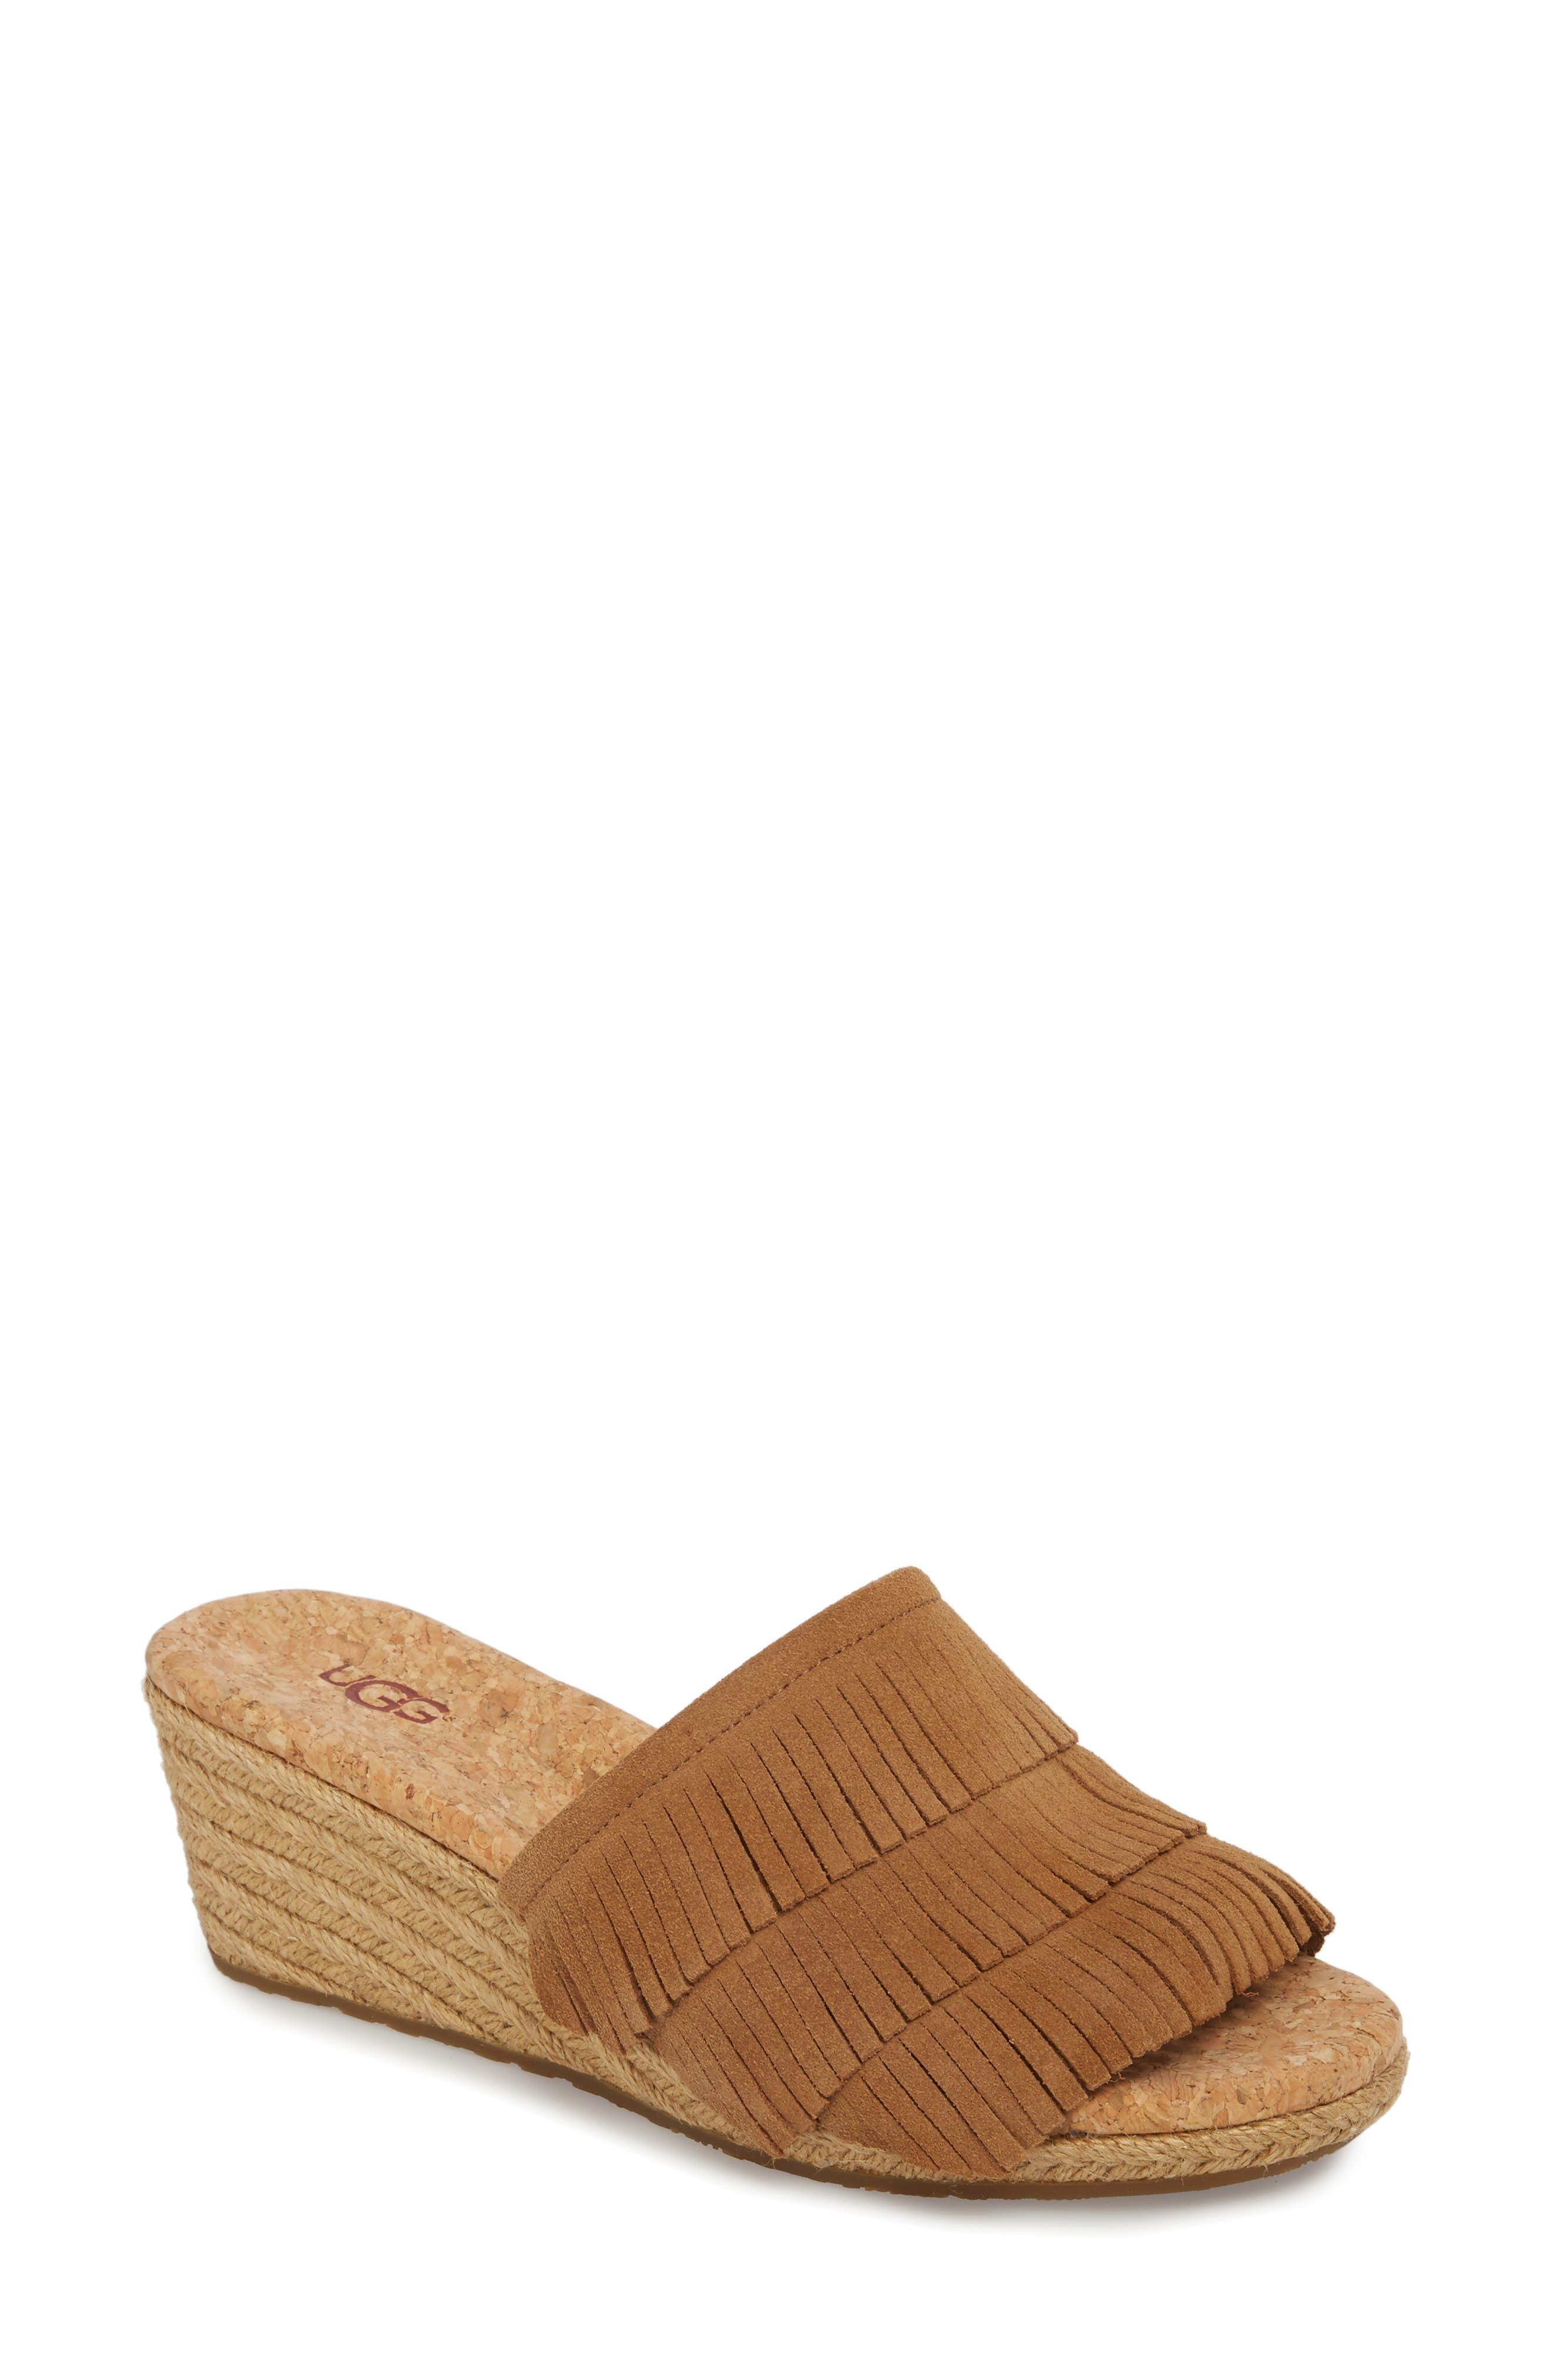 Kendra Fringe Wedge Sandal,                         Main,                         color, Chestnut Suede